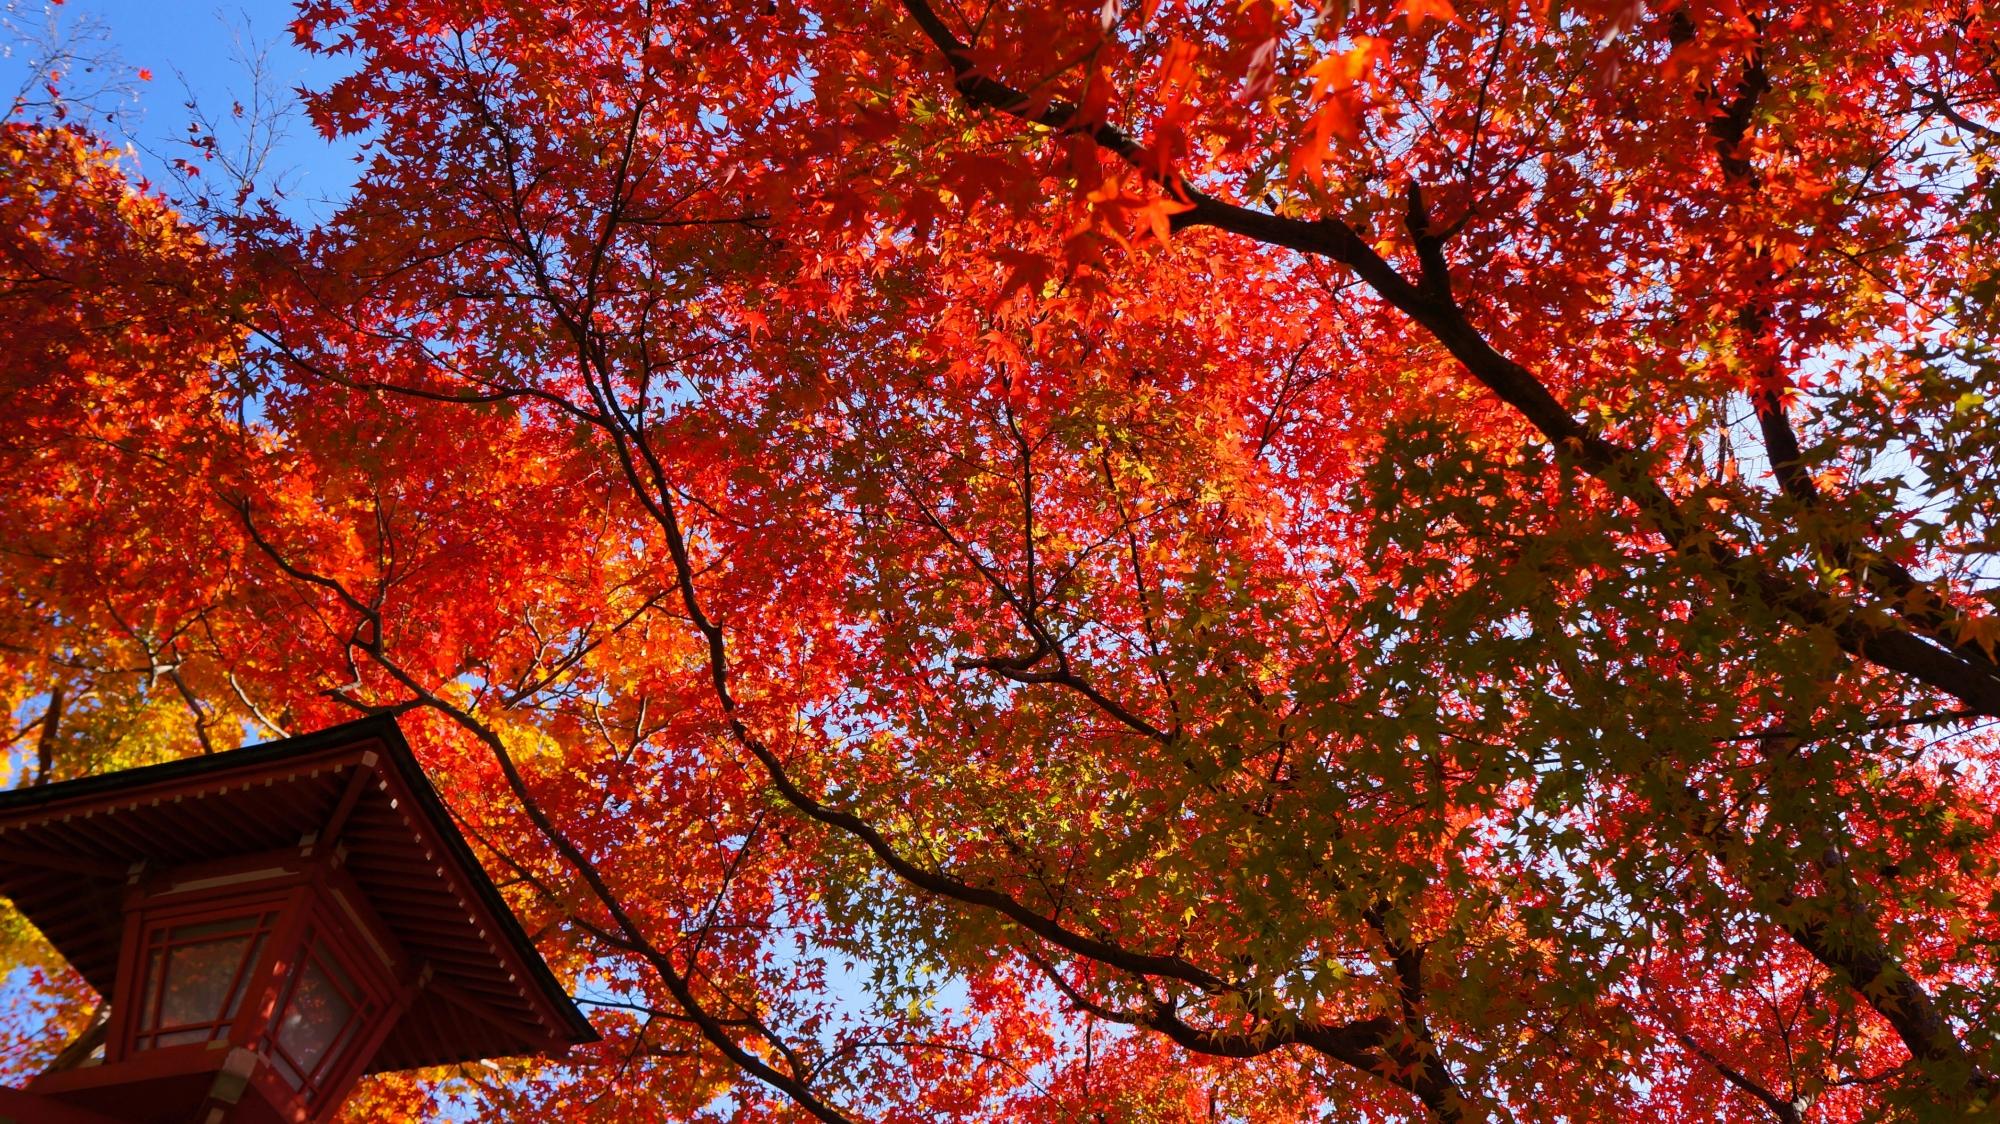 善峯寺の素晴らしい紅葉と情景